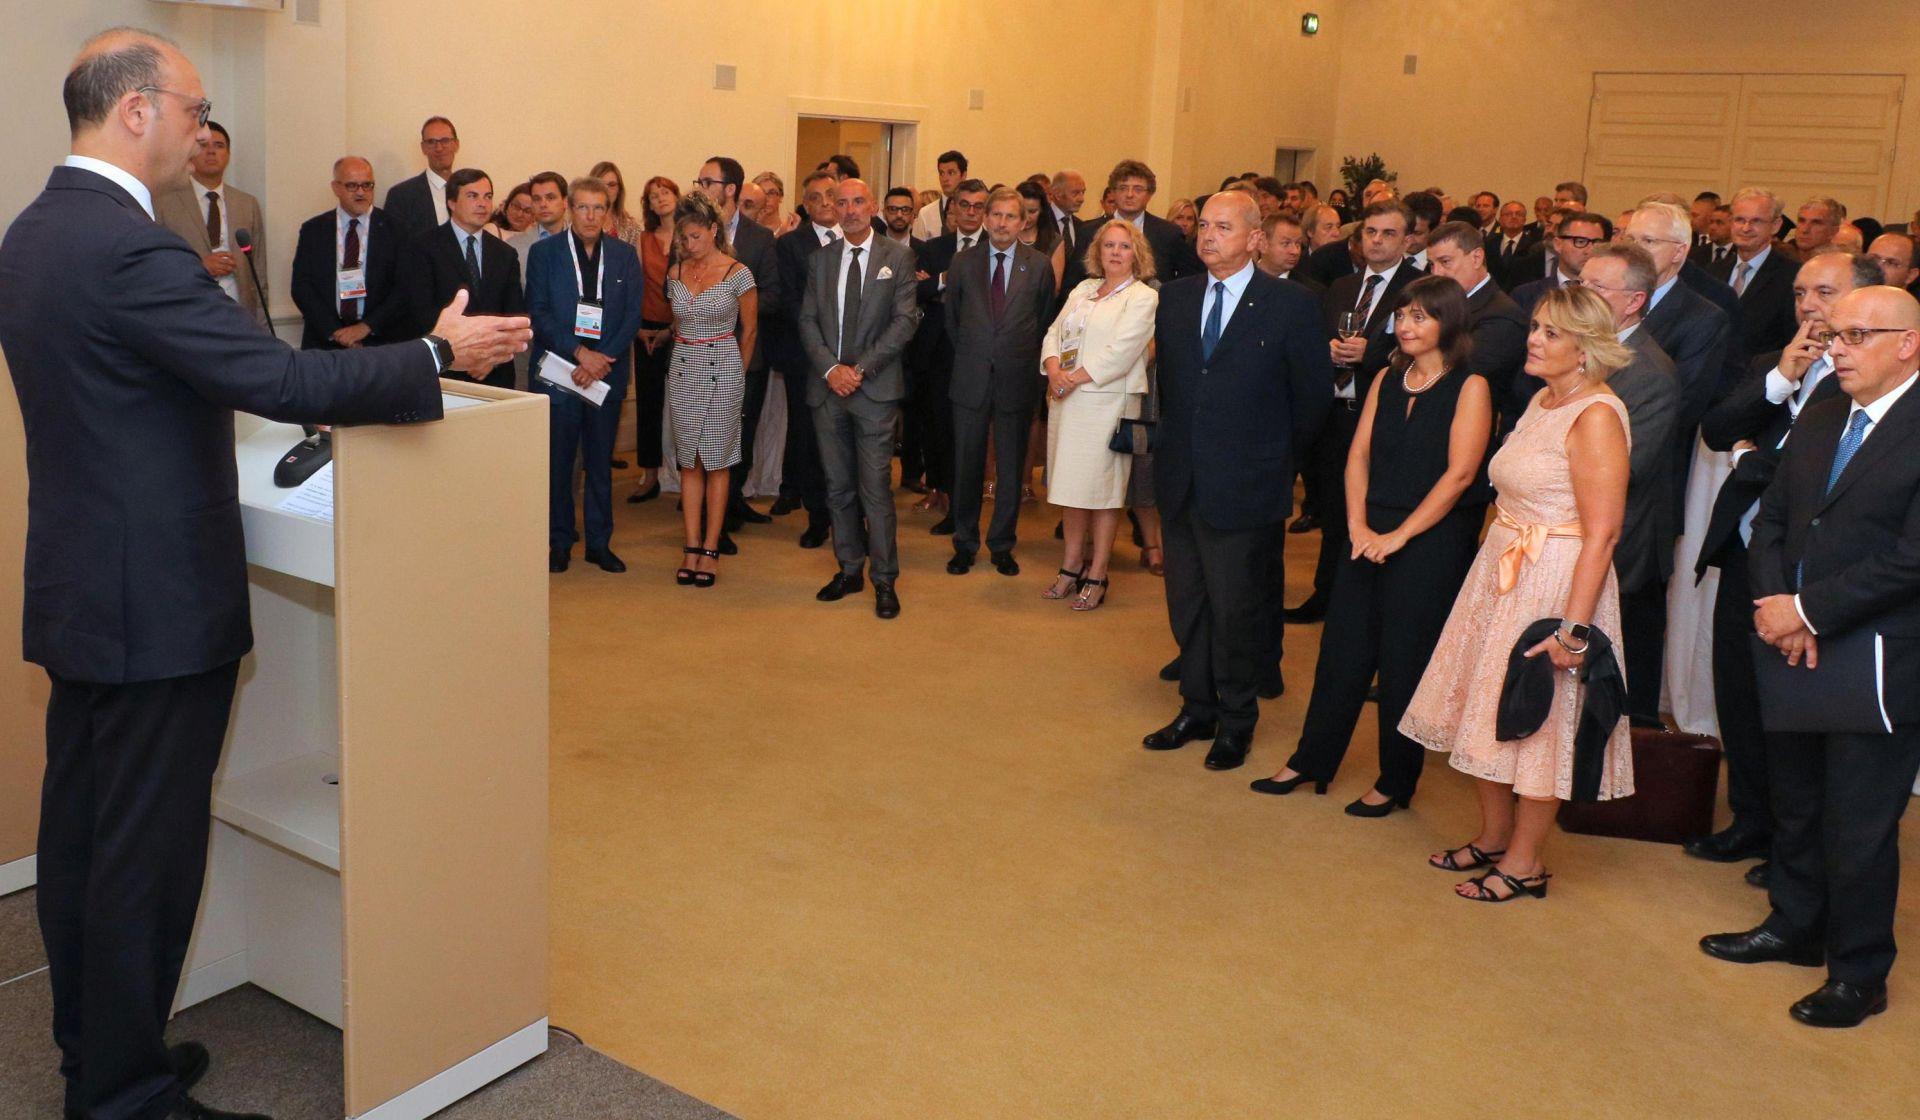 Hahn najavljuje stvaranje balkanskog tržišta na summitu u Trstu